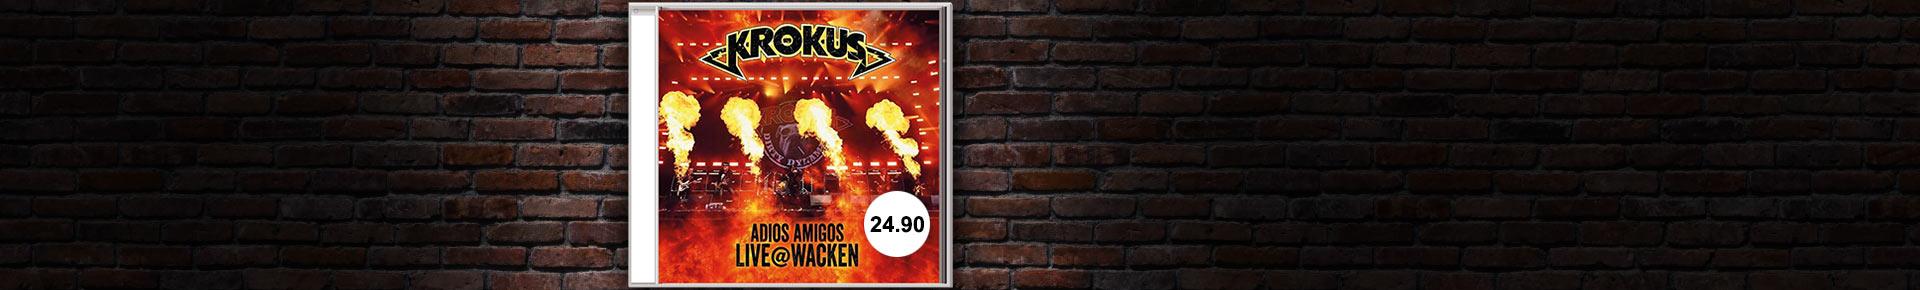 «Adios Amigos Live @ Wacken» von Krokus portofrei bestellen